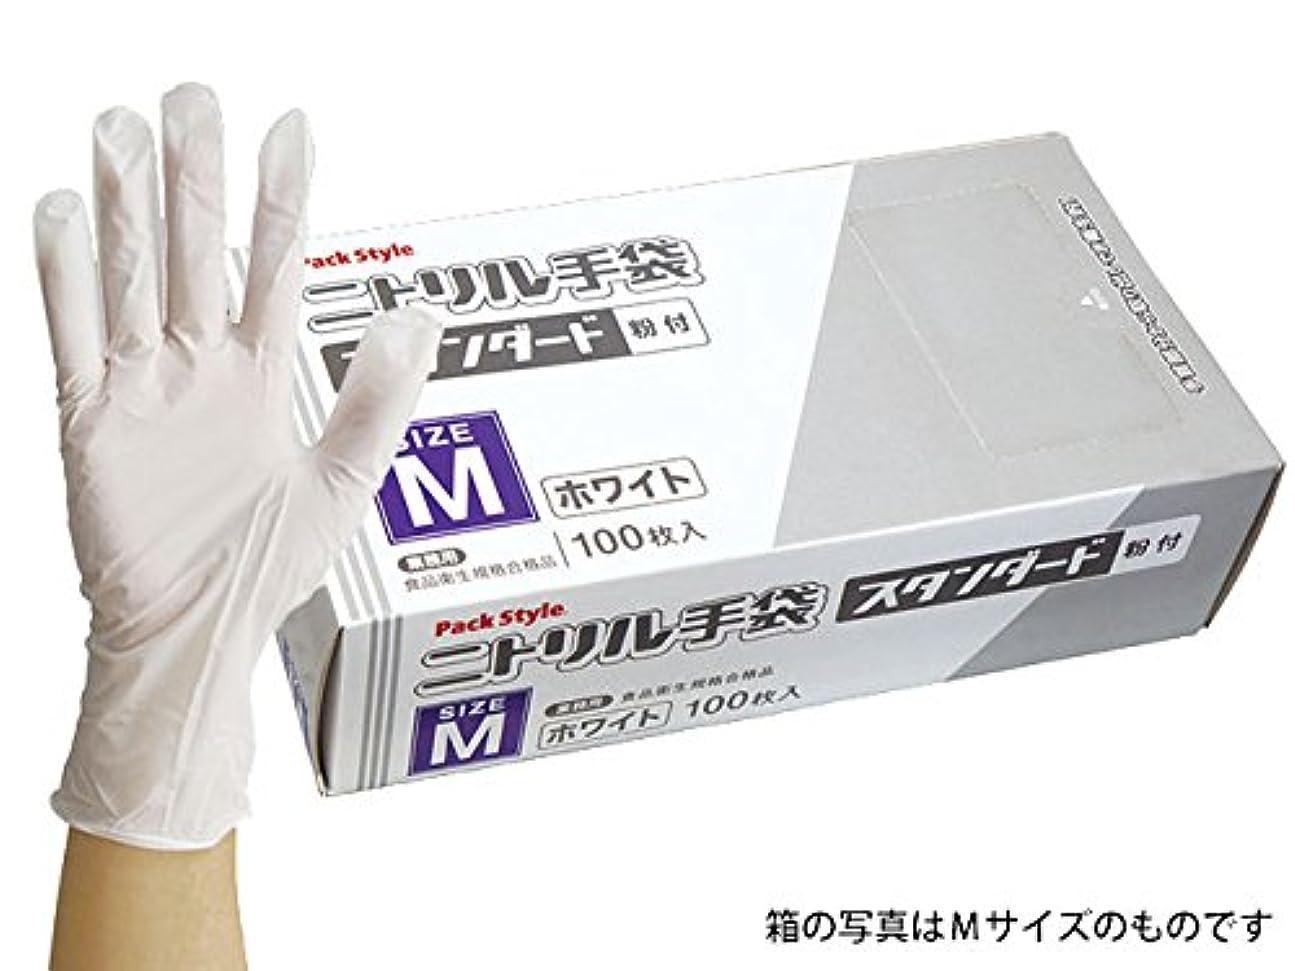 出版世界記録のギネスブックかどうかパックスタイル 業務用 使い捨て ニトリル手袋 スタンダード 白?粉付 S 3000枚 00531606